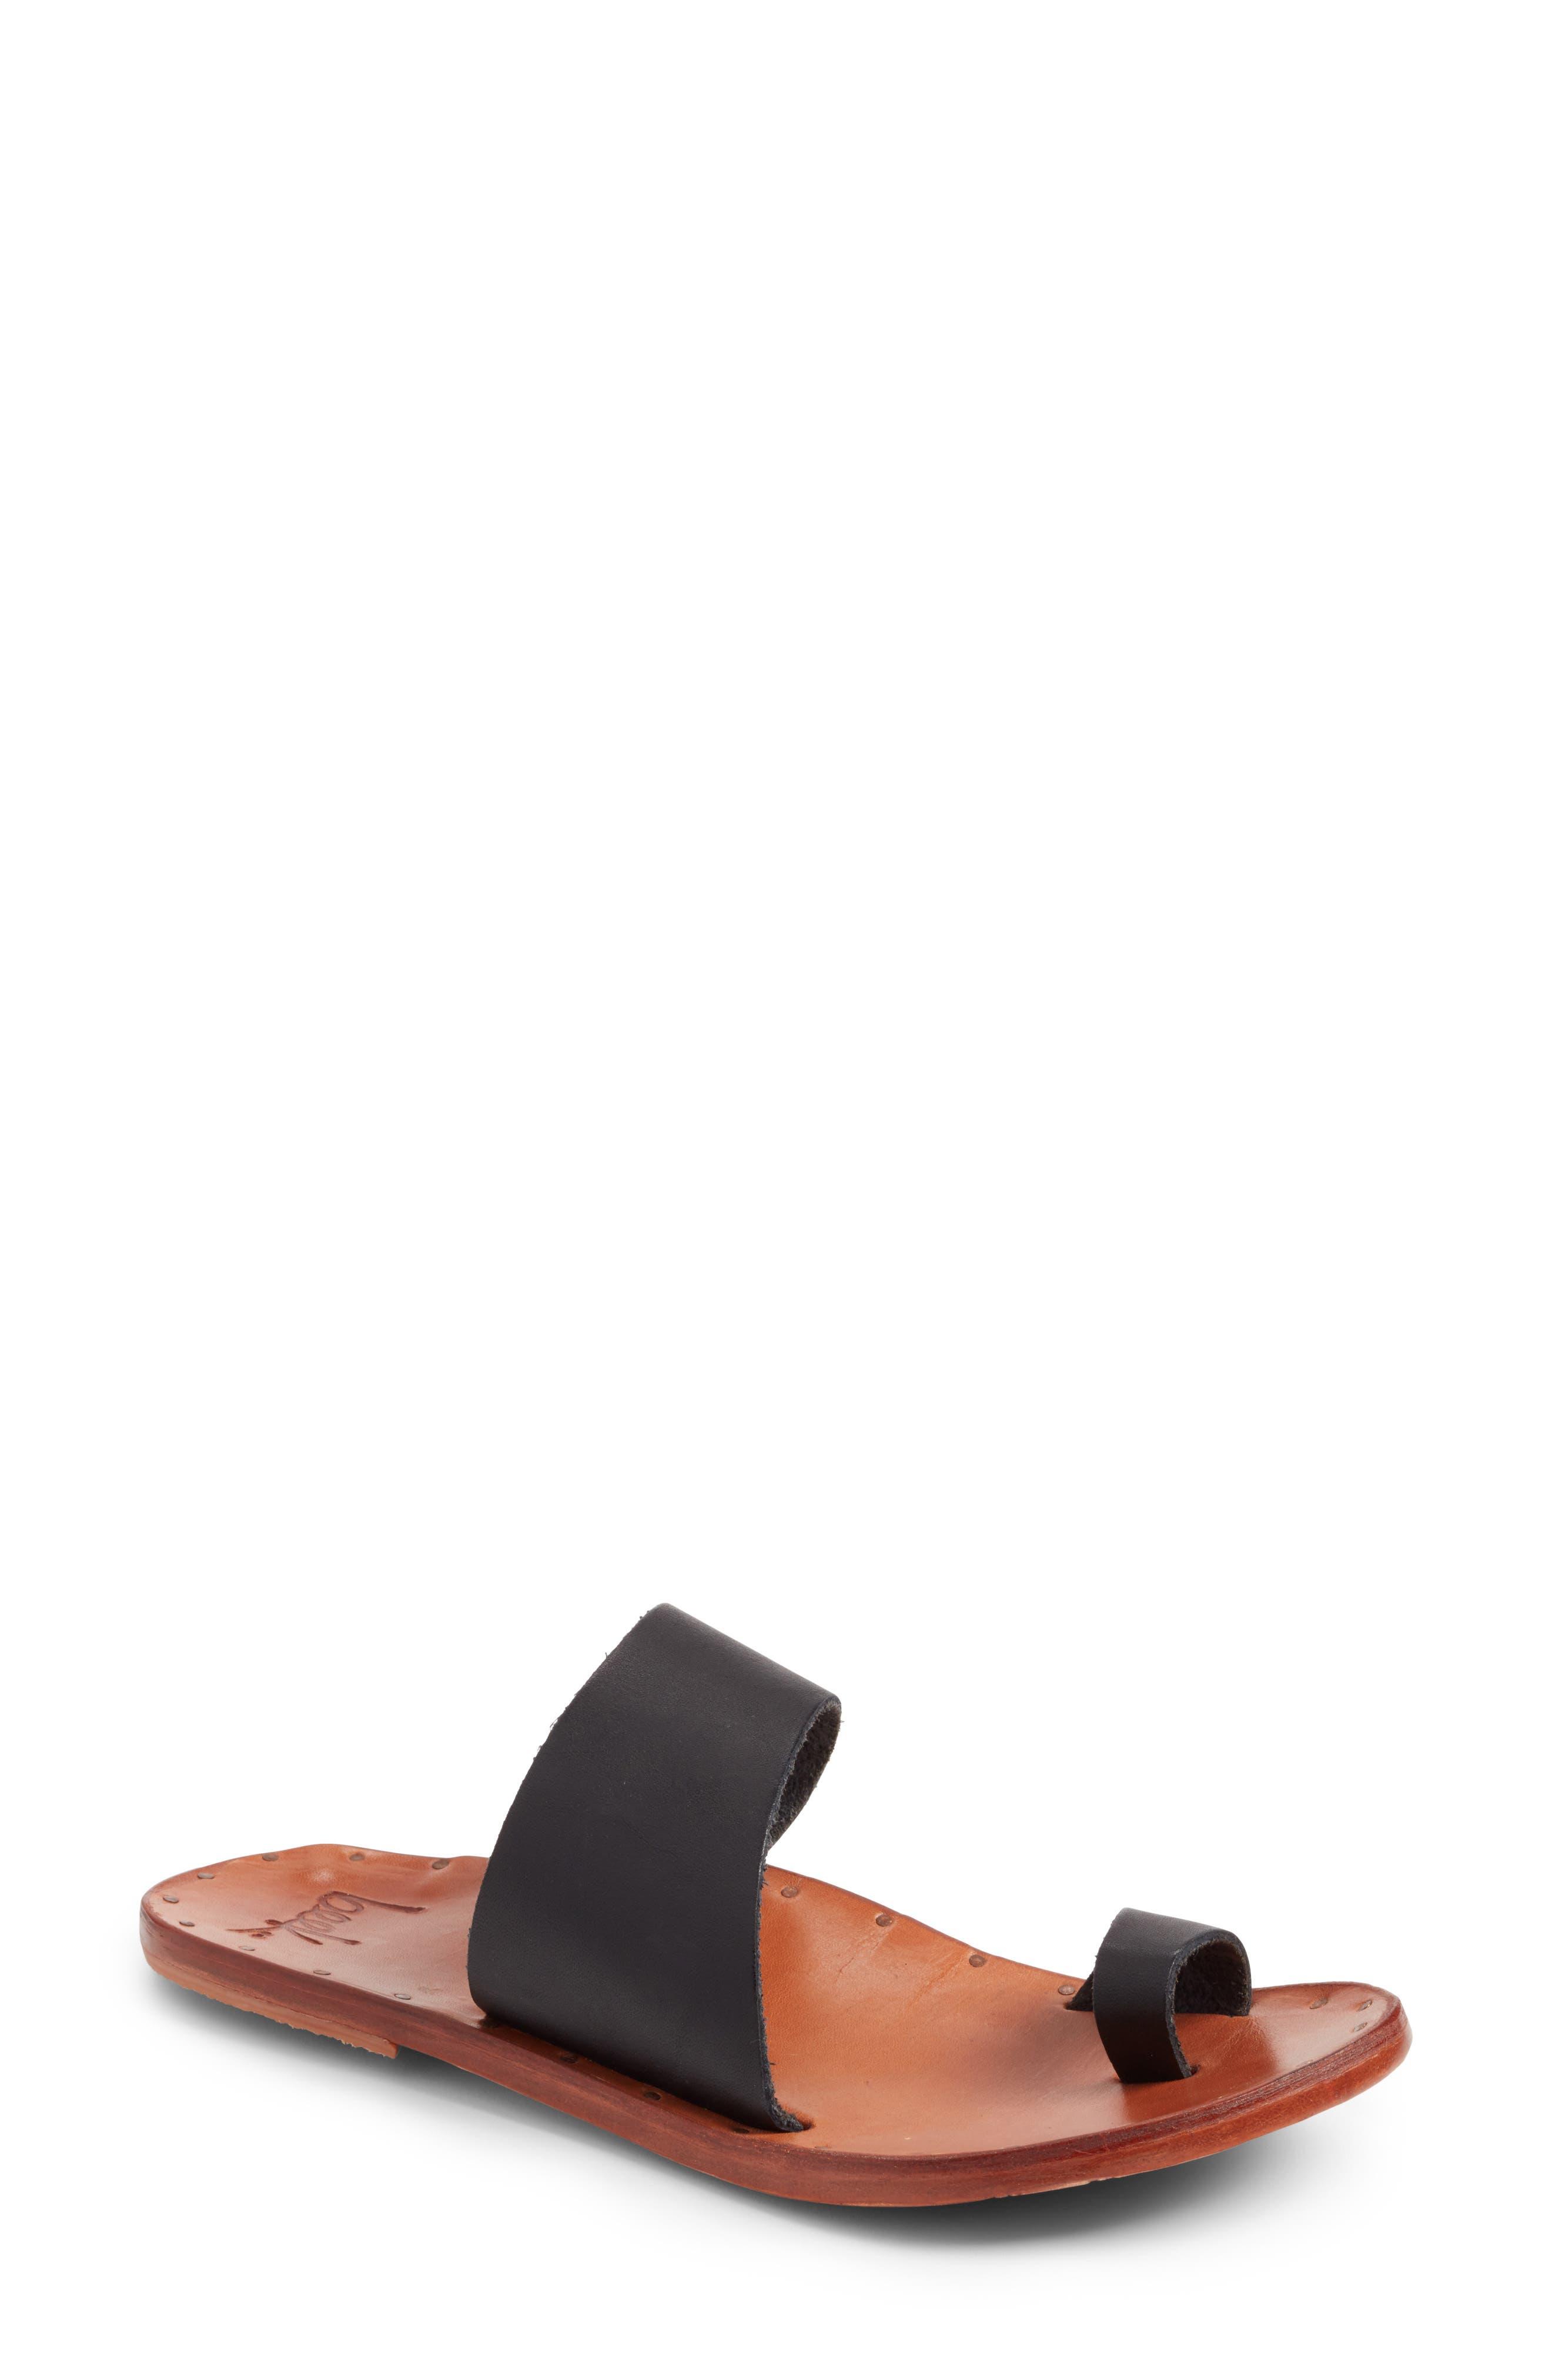 BEEK Finch Sandal